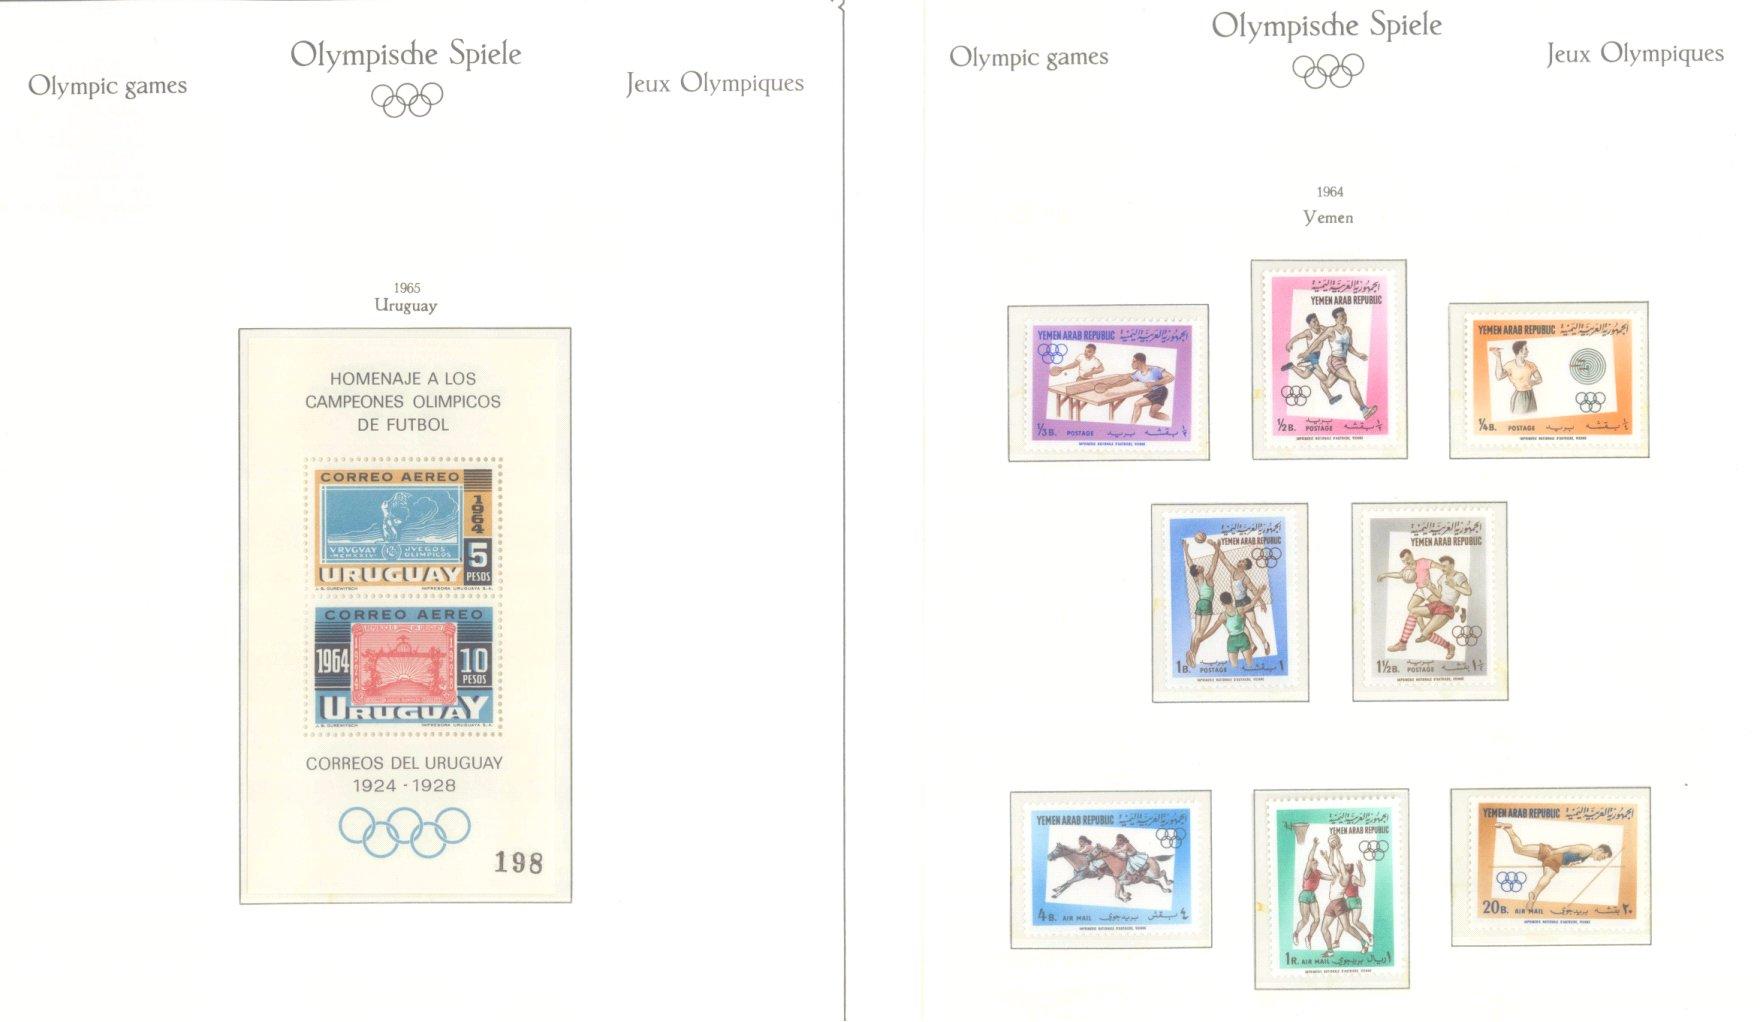 OLYMPISCHE SPIELE 1964 TOKIO, postfrische Sammlung Teil 2-57